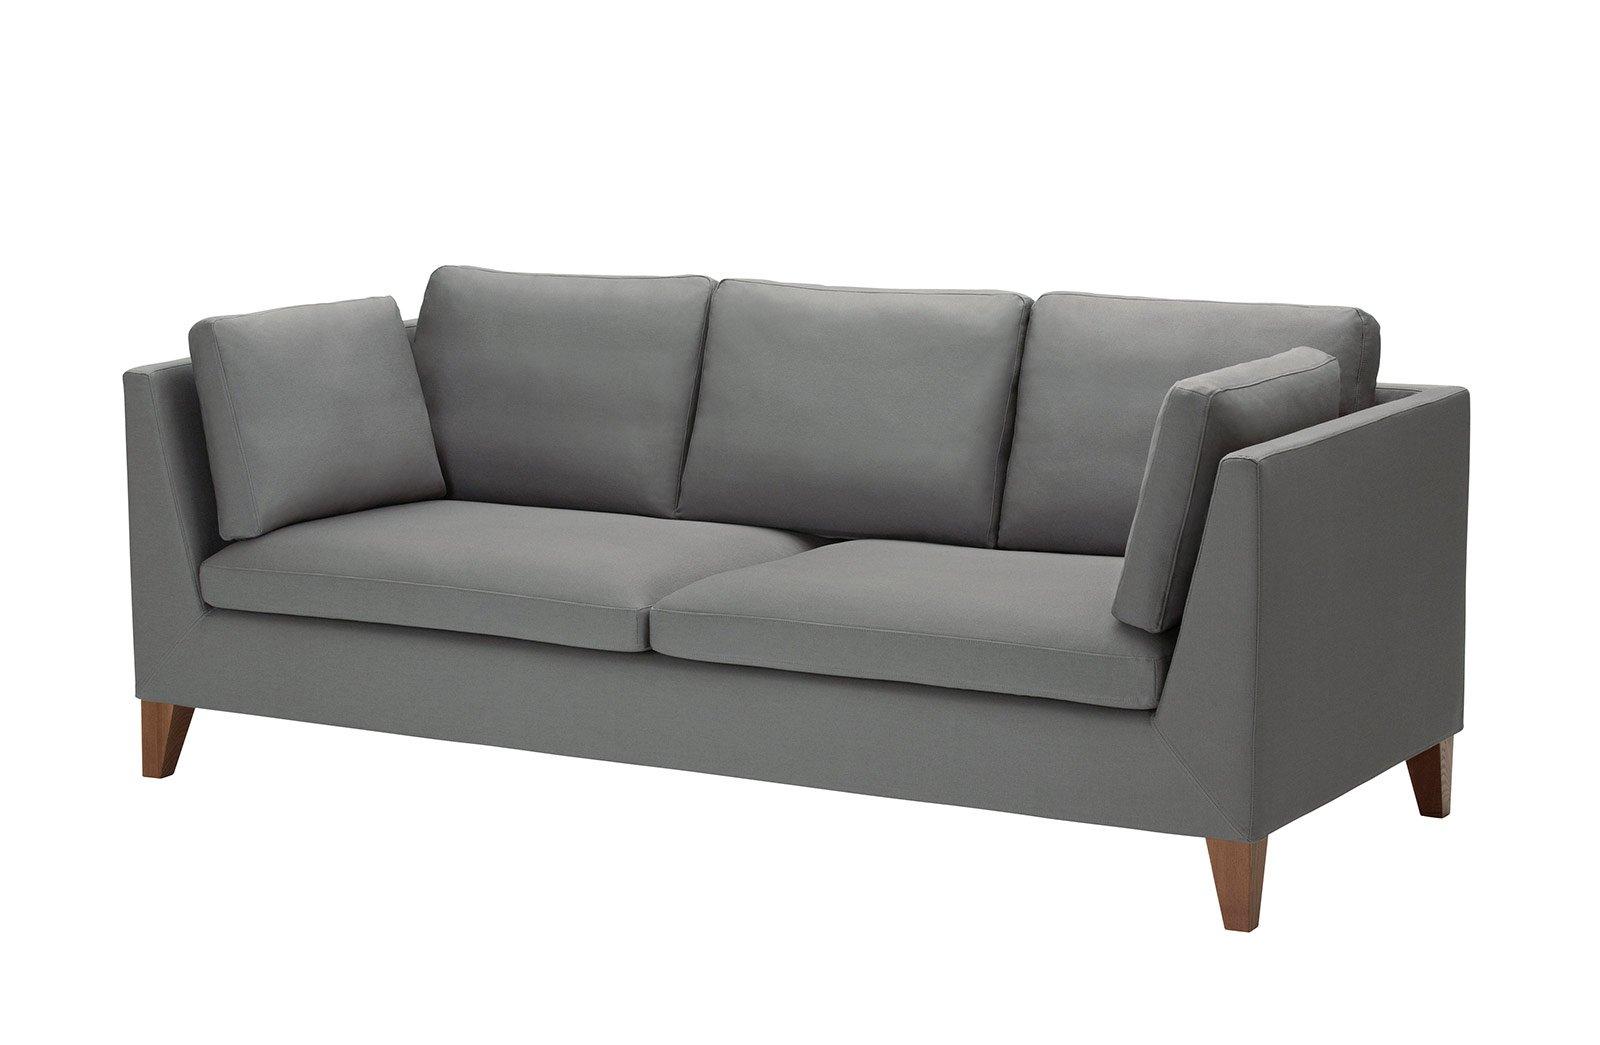 Divano Rosa Ikea : Divano scuro con quali accessori lo ravvivo cose di casa